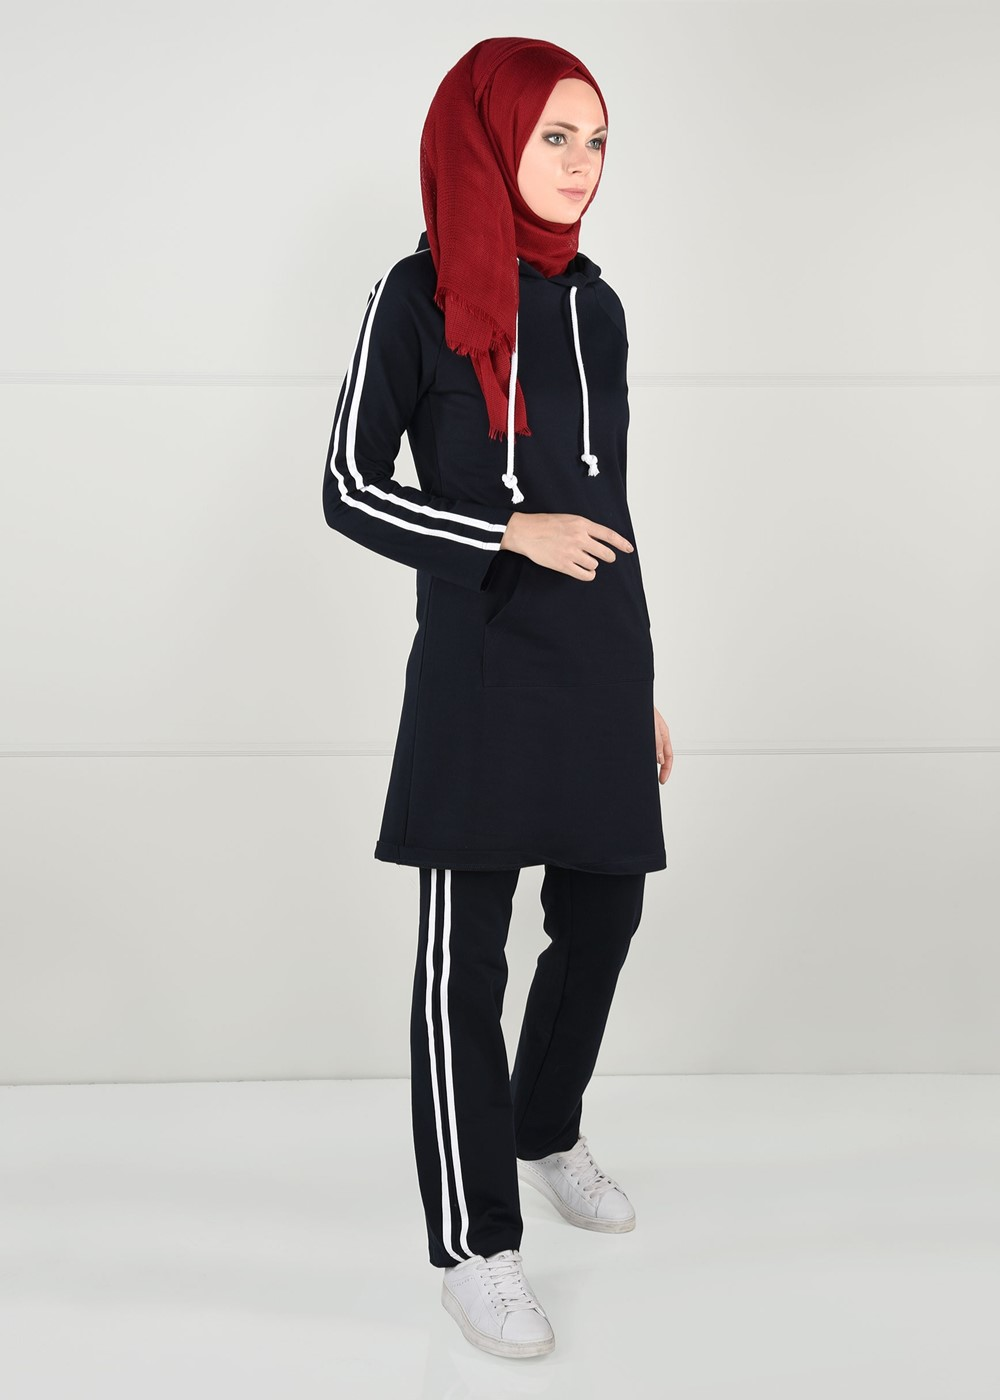 Bayan LACİVERT YANLARI ŞERİT DETAYLI EŞOFMAN ALTI 1500